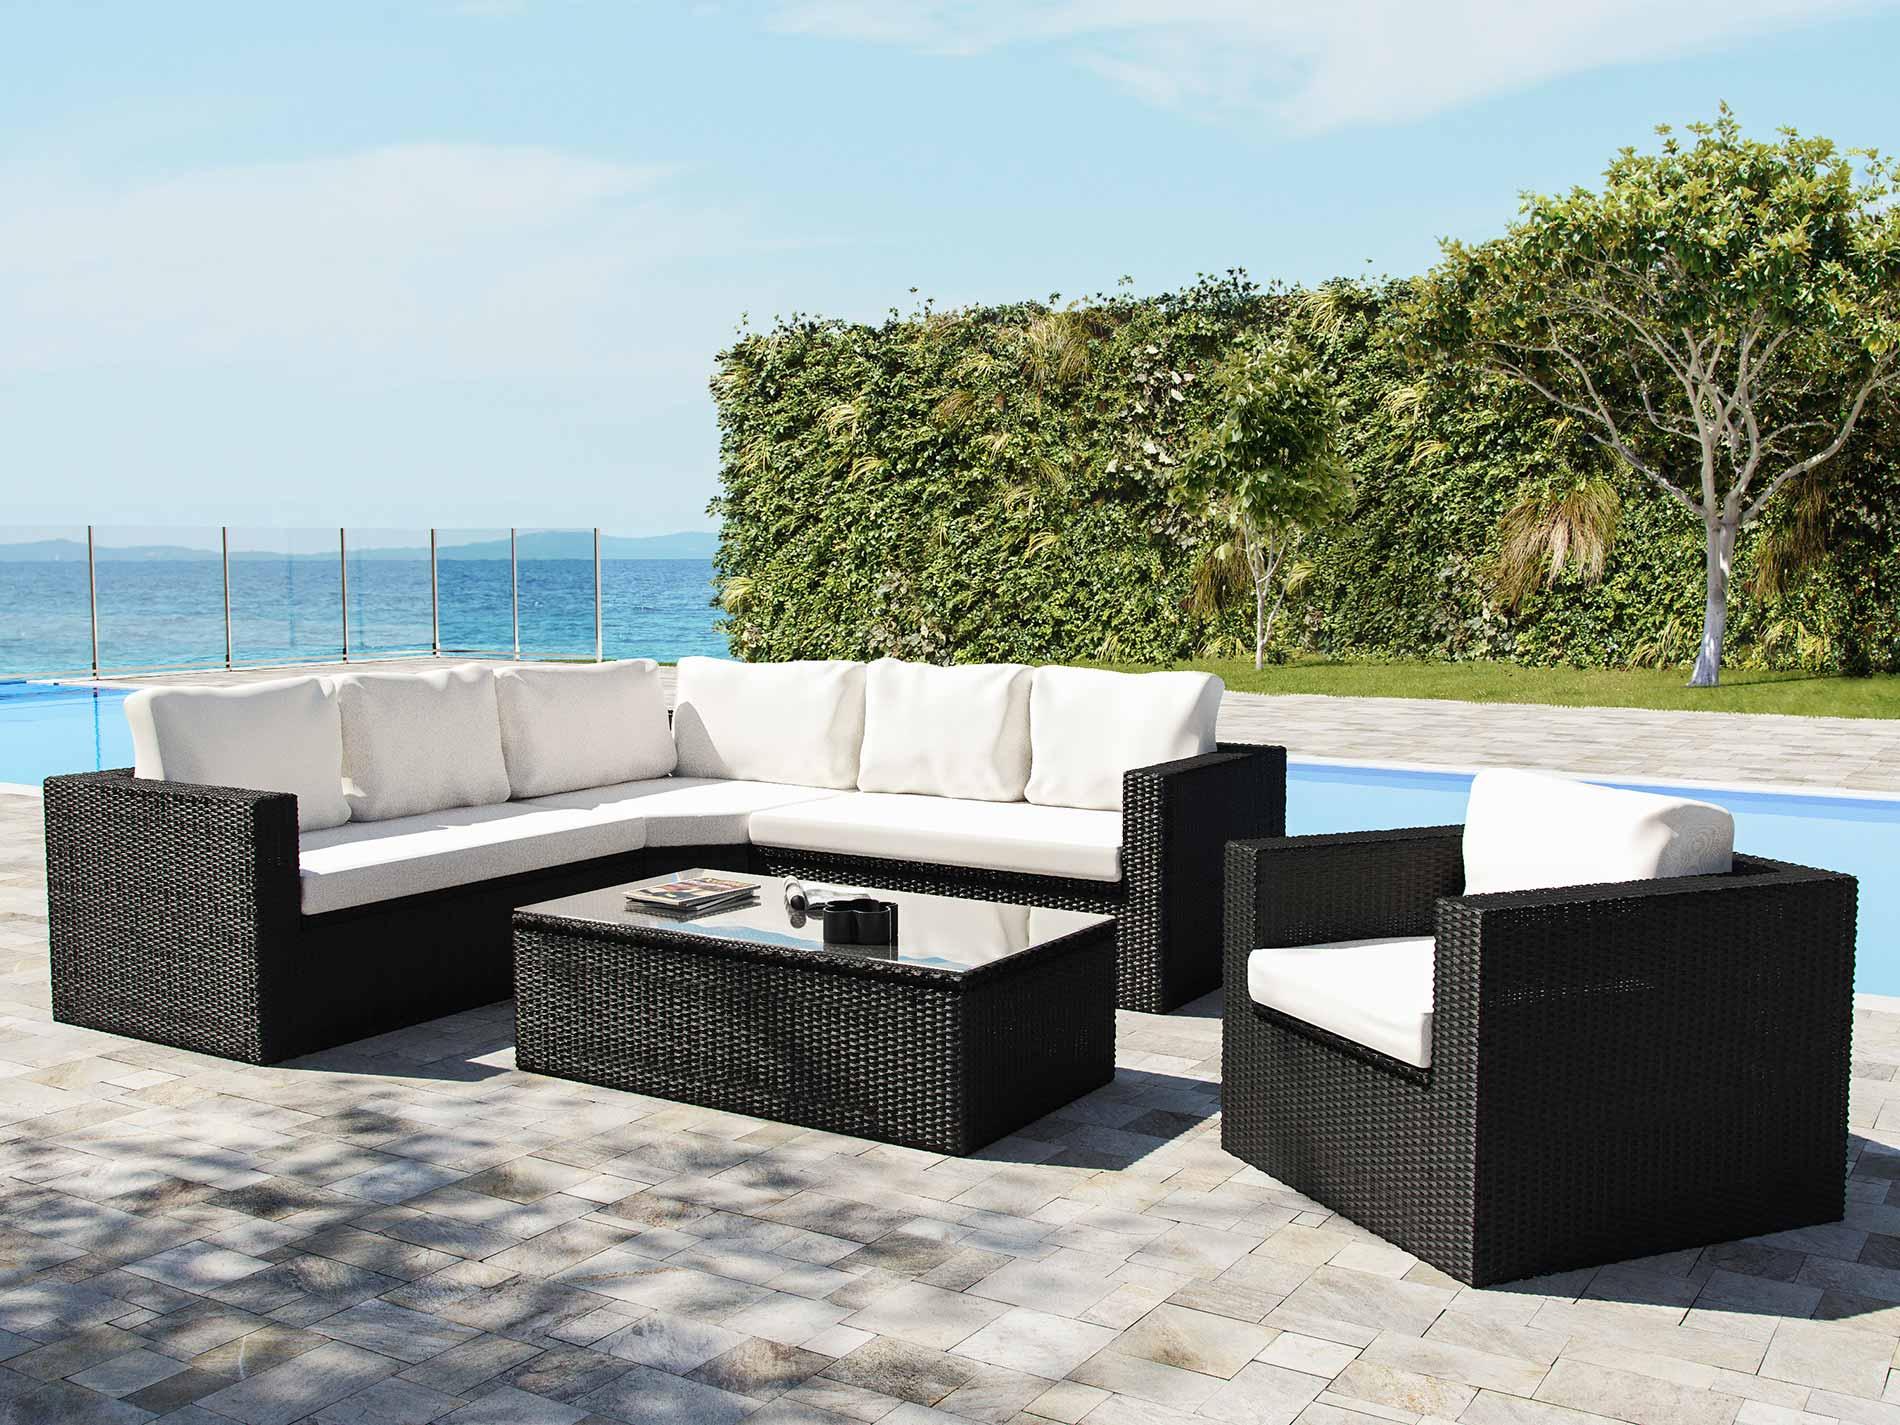 Artelia fr salon de jardin avec rangements int gr s limia for Salon des jardins